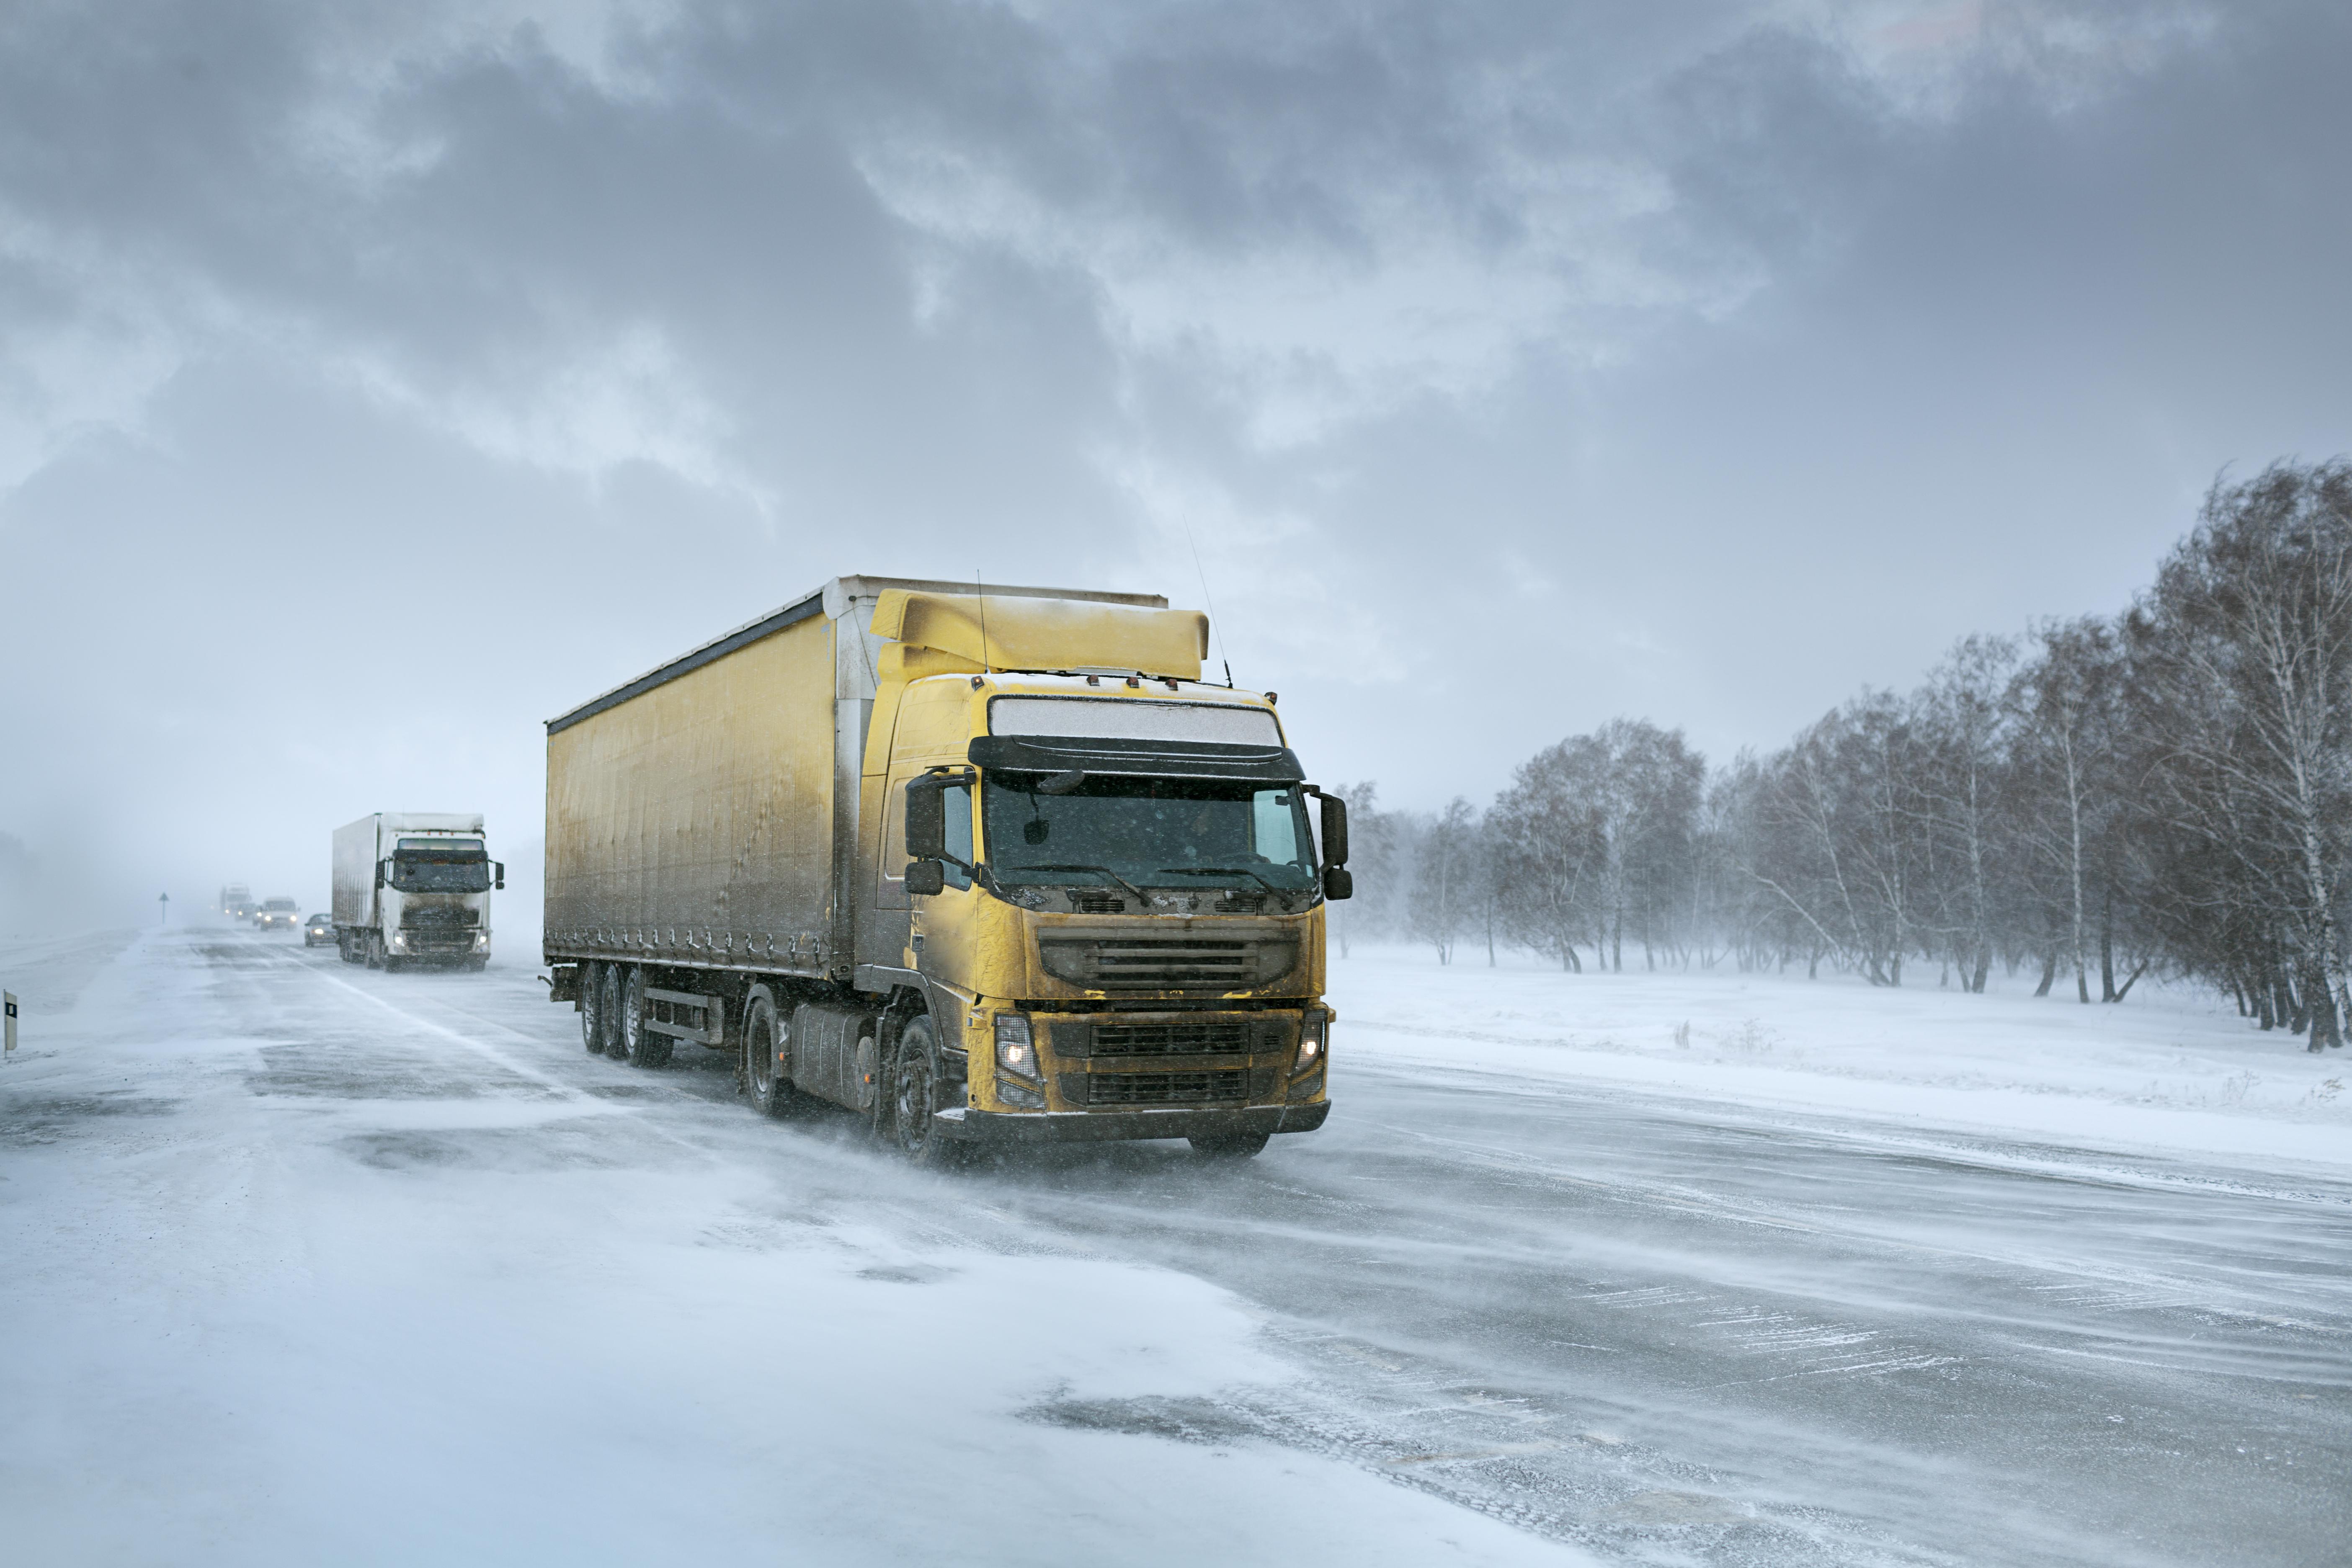 Stawki minimalne w krajach Unii Europejskiej są różne, co też komplikuje naliczanie wynagrodzenia kierowców. (Fot. Shutterstock)